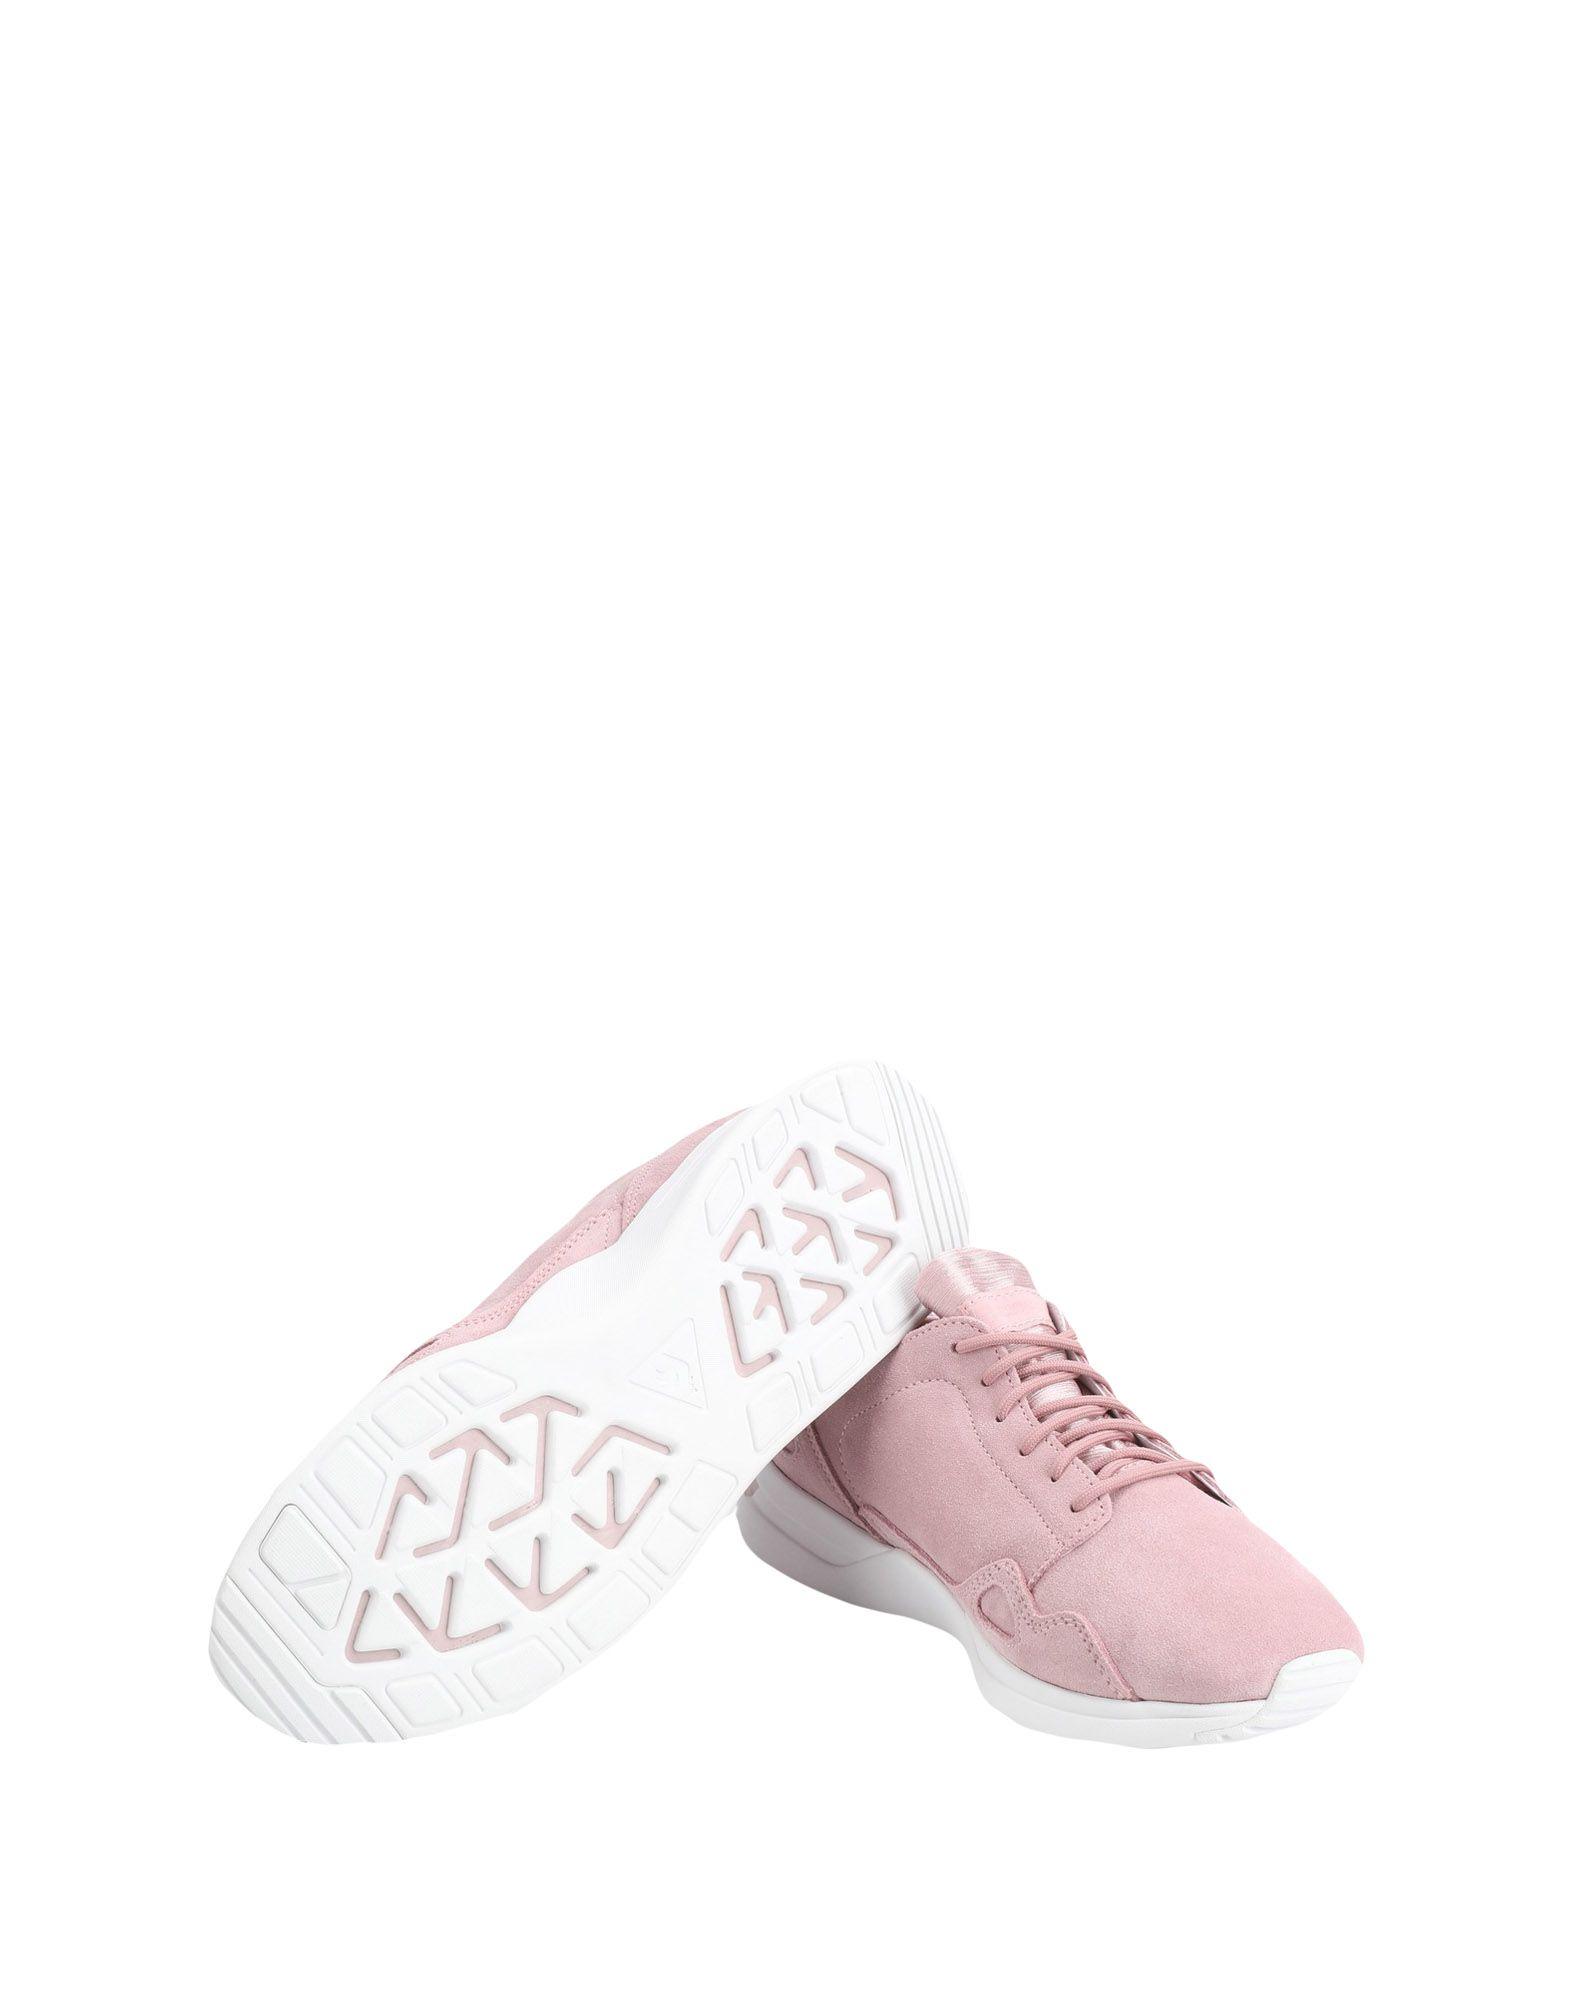 Gut tragenLe um billige Schuhe zu tragenLe Gut Coq Sportif Lcs R Flow W Suede/Satin  11340719QW 8adb52